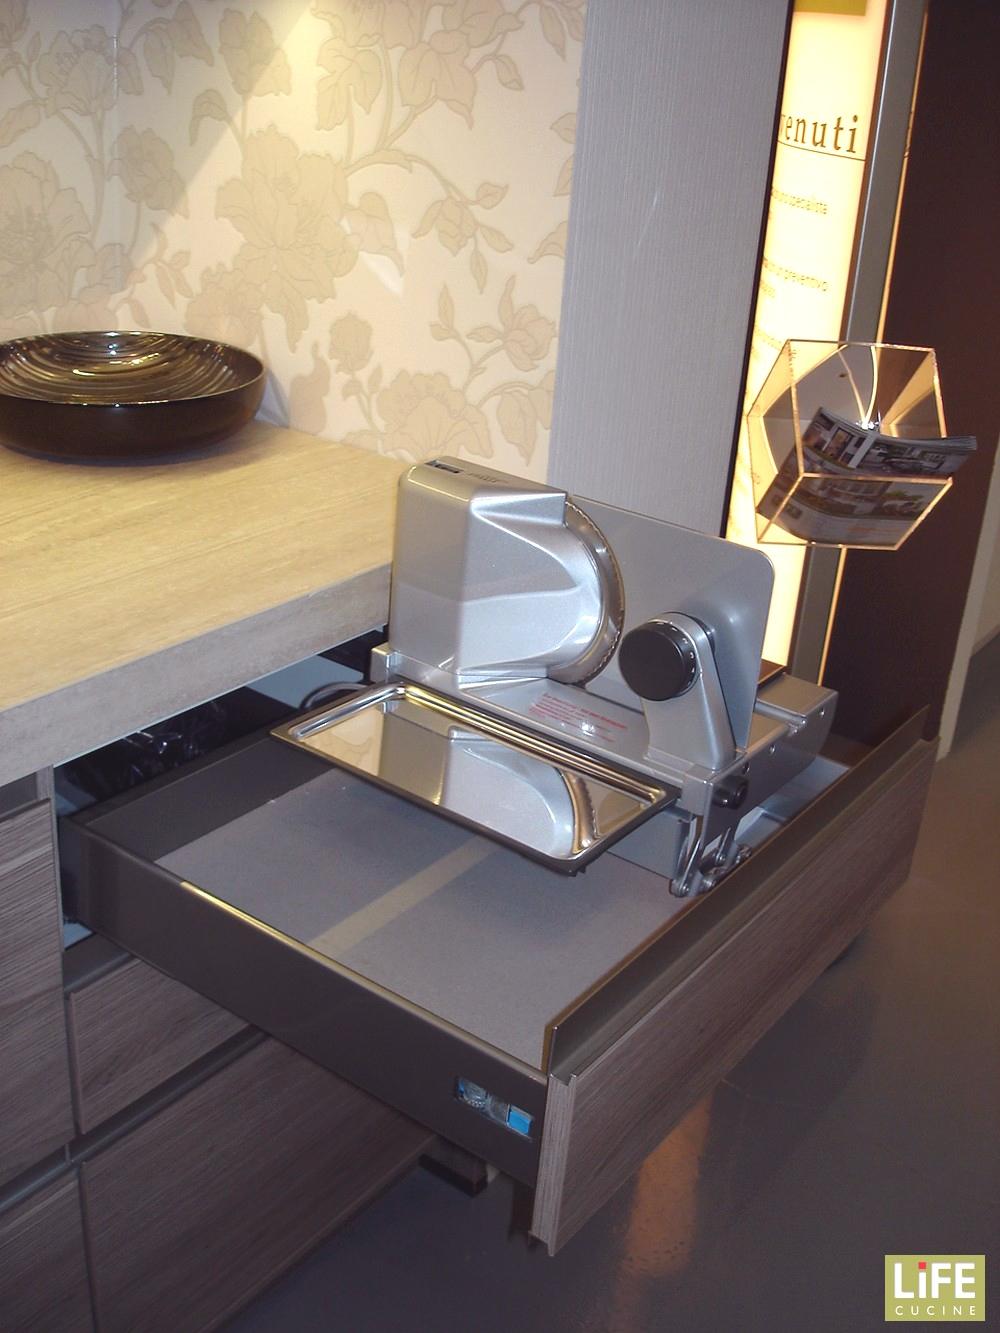 Cucina lineare moderna LiFE su 2 pareti scontata del 40 - Cucine a prezzi scontati